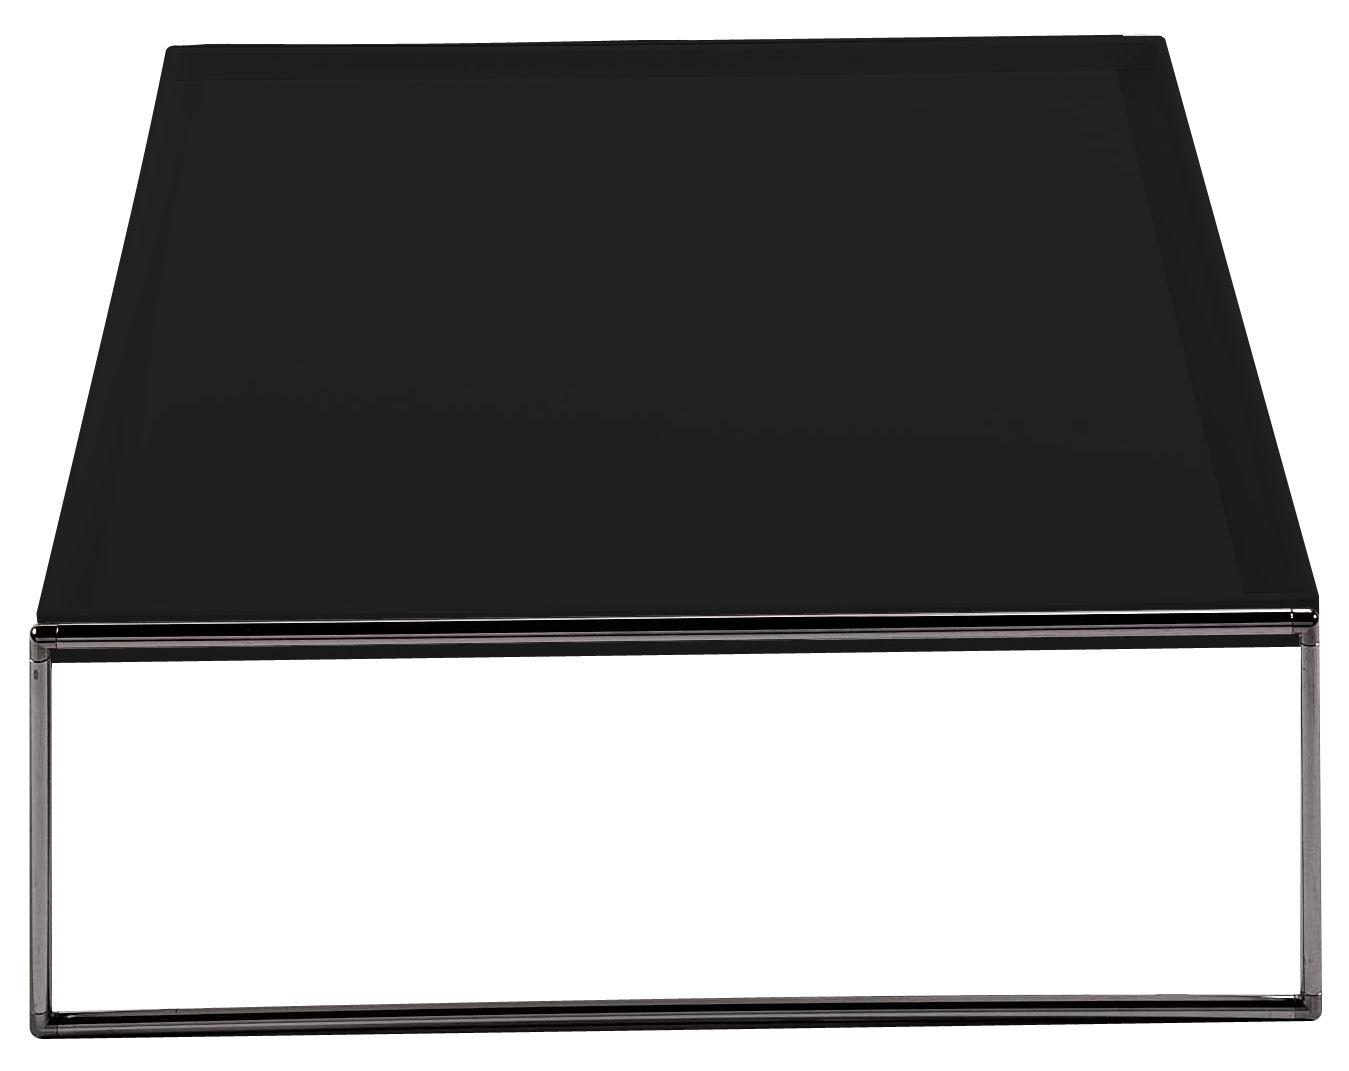 Möbel - Couchtische - Trays Couchtisch 80 x 80 cm - Kartell - Schwarz - verchromter Stahl